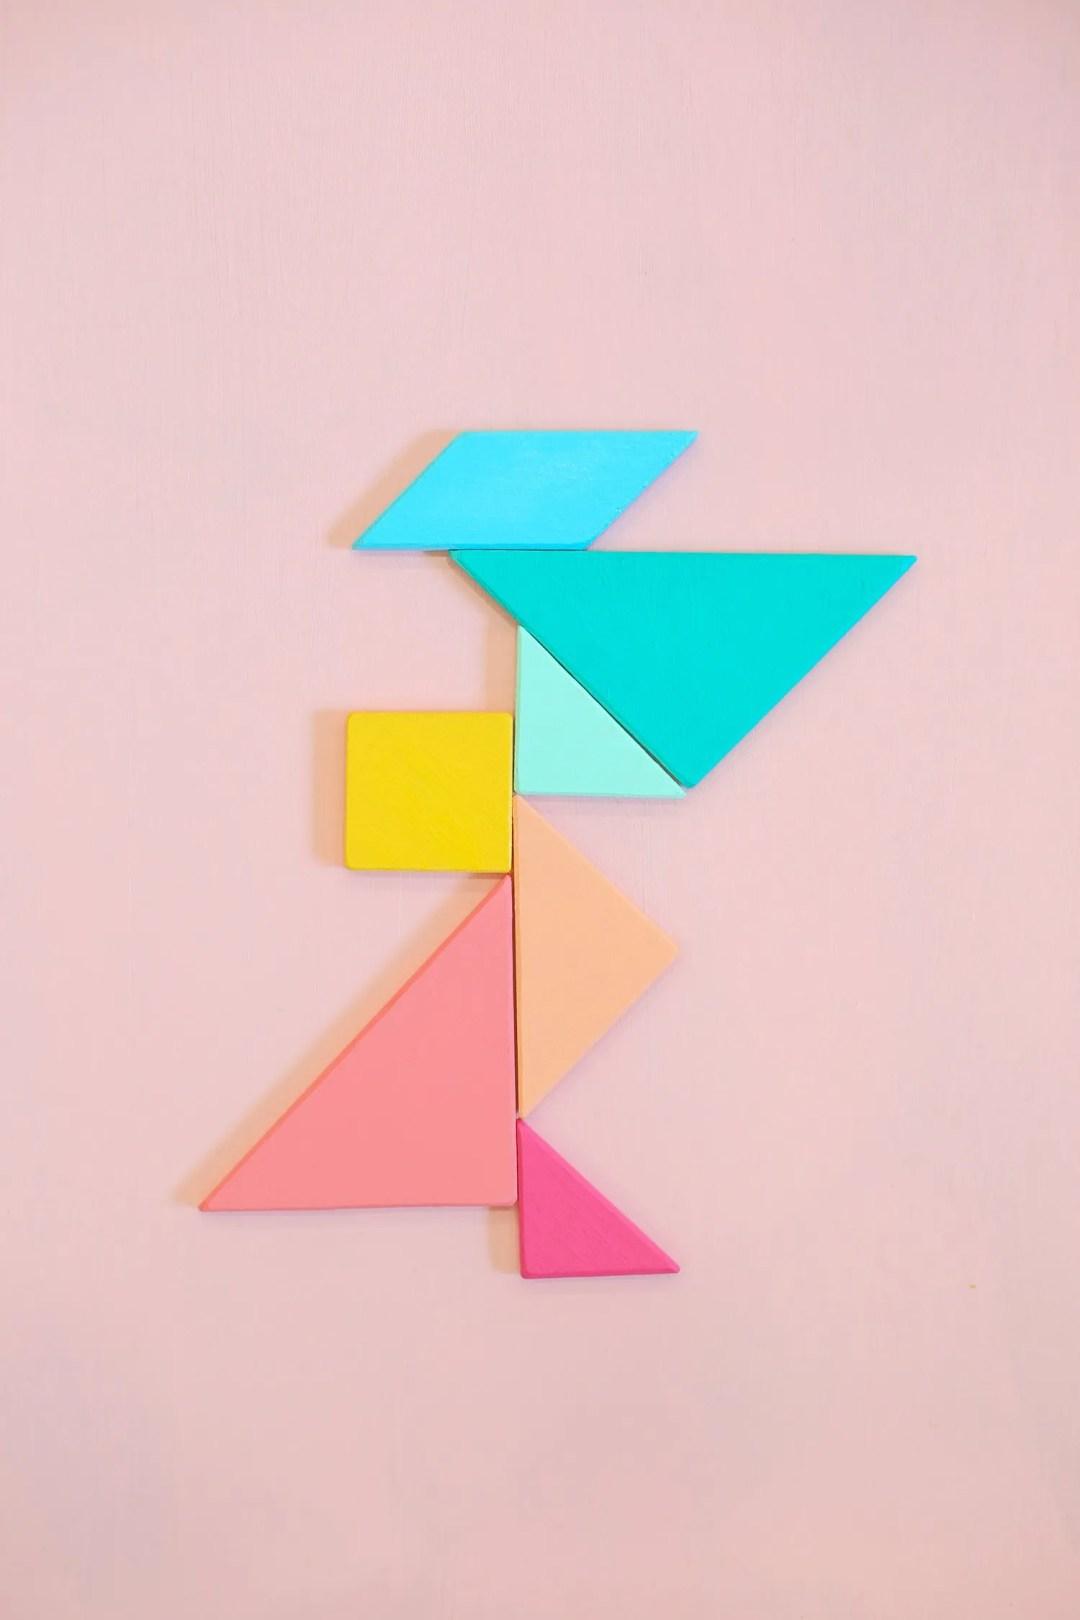 DIY Gift for Kids, handmade tangrams